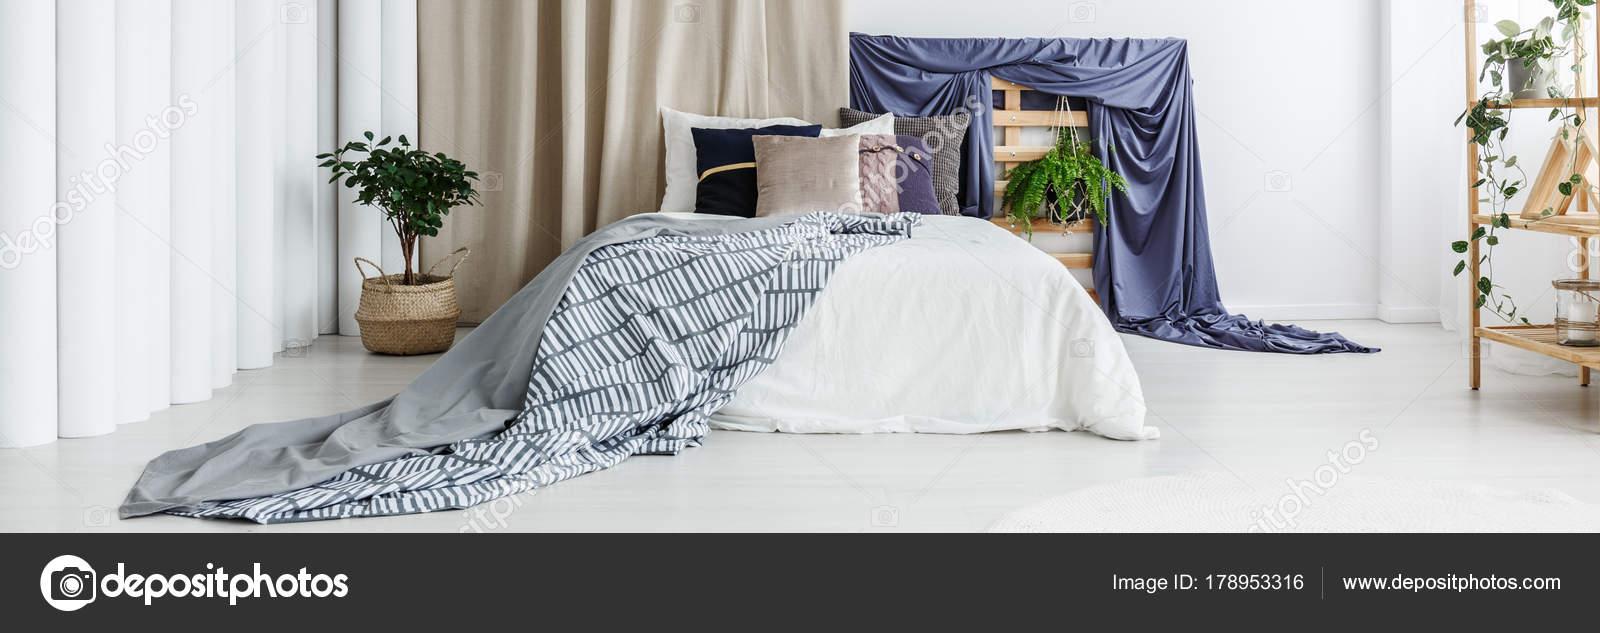 Accessori blu scuri in camera da letto — Foto Stock ...